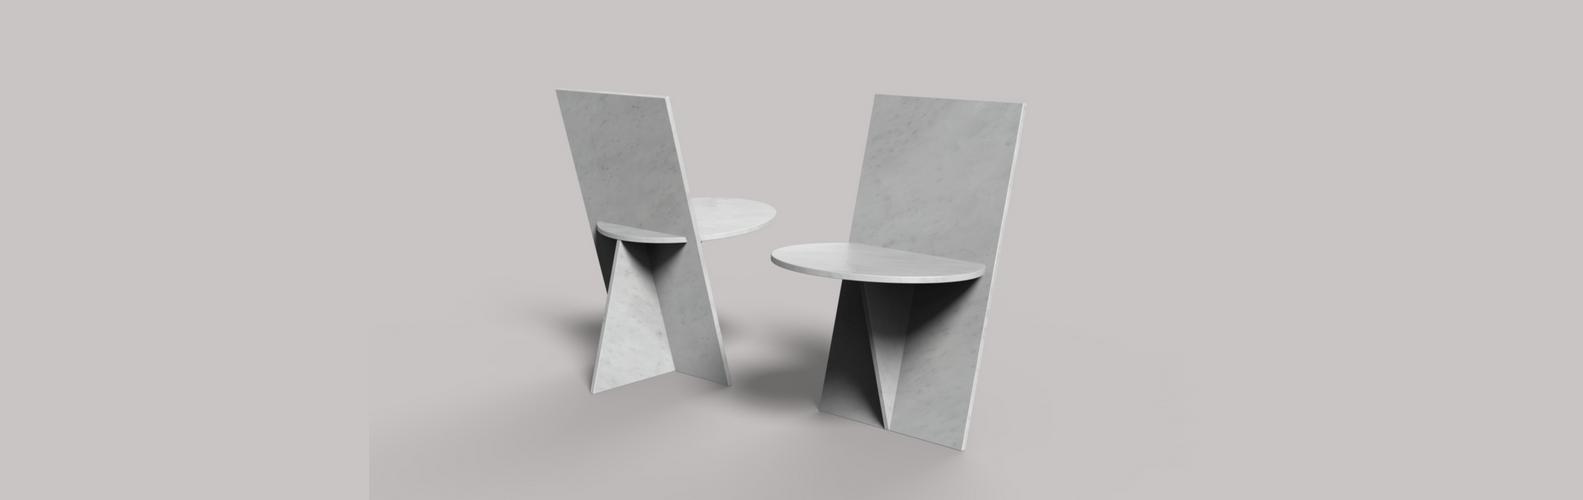 Flat Marble Chair - Marmi Sacco